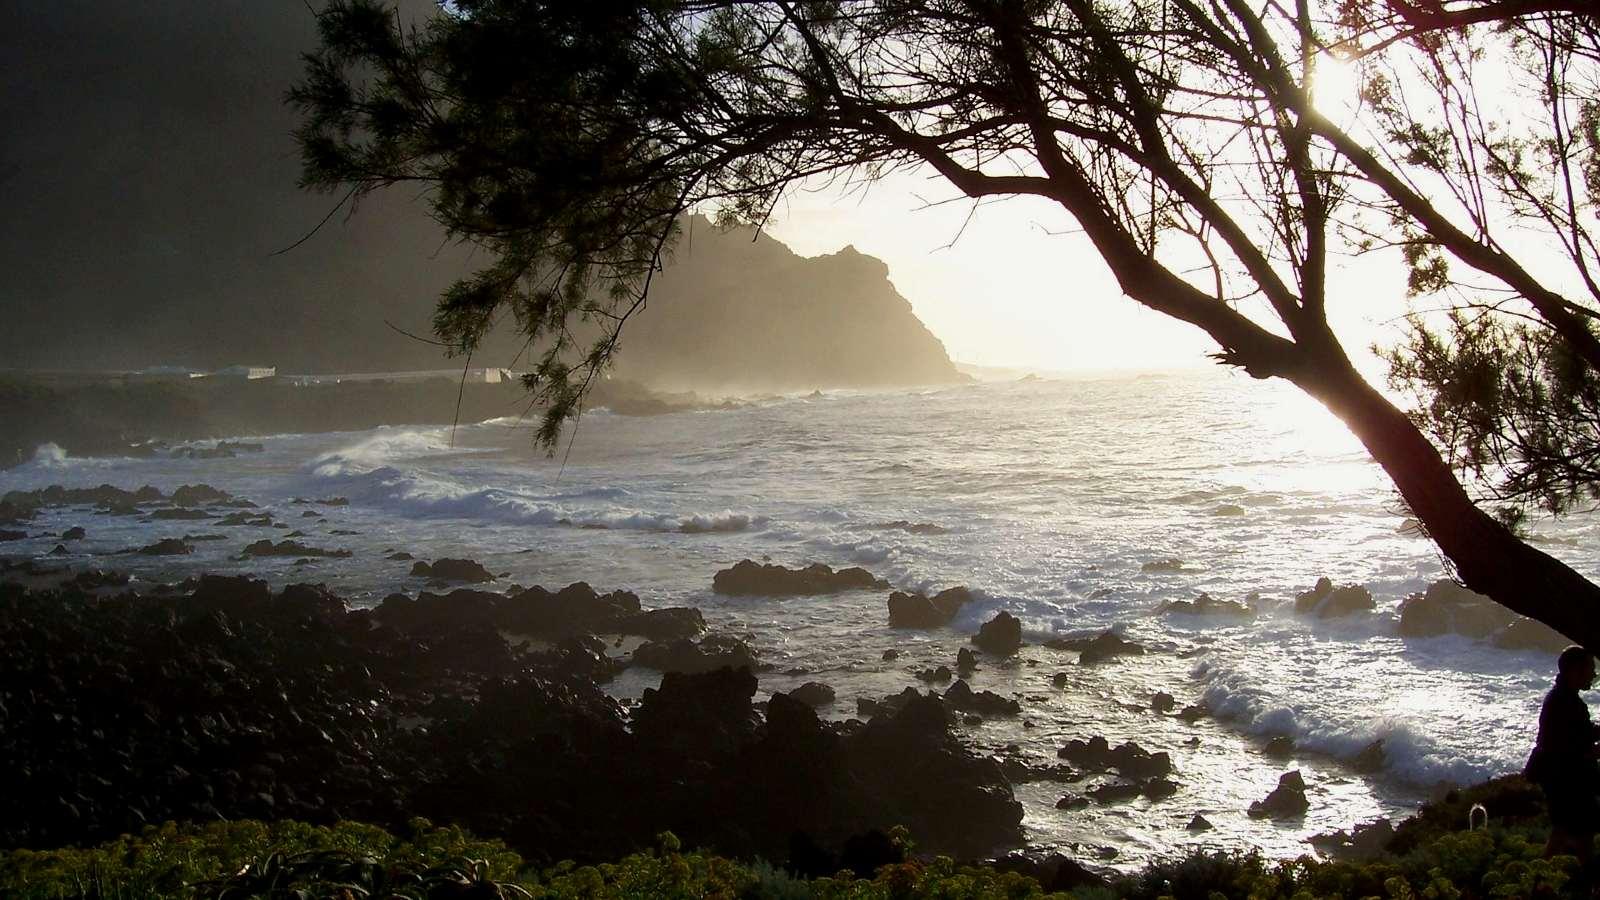 Coucher de soleil sur la côte et l'arbre tamaris à droite